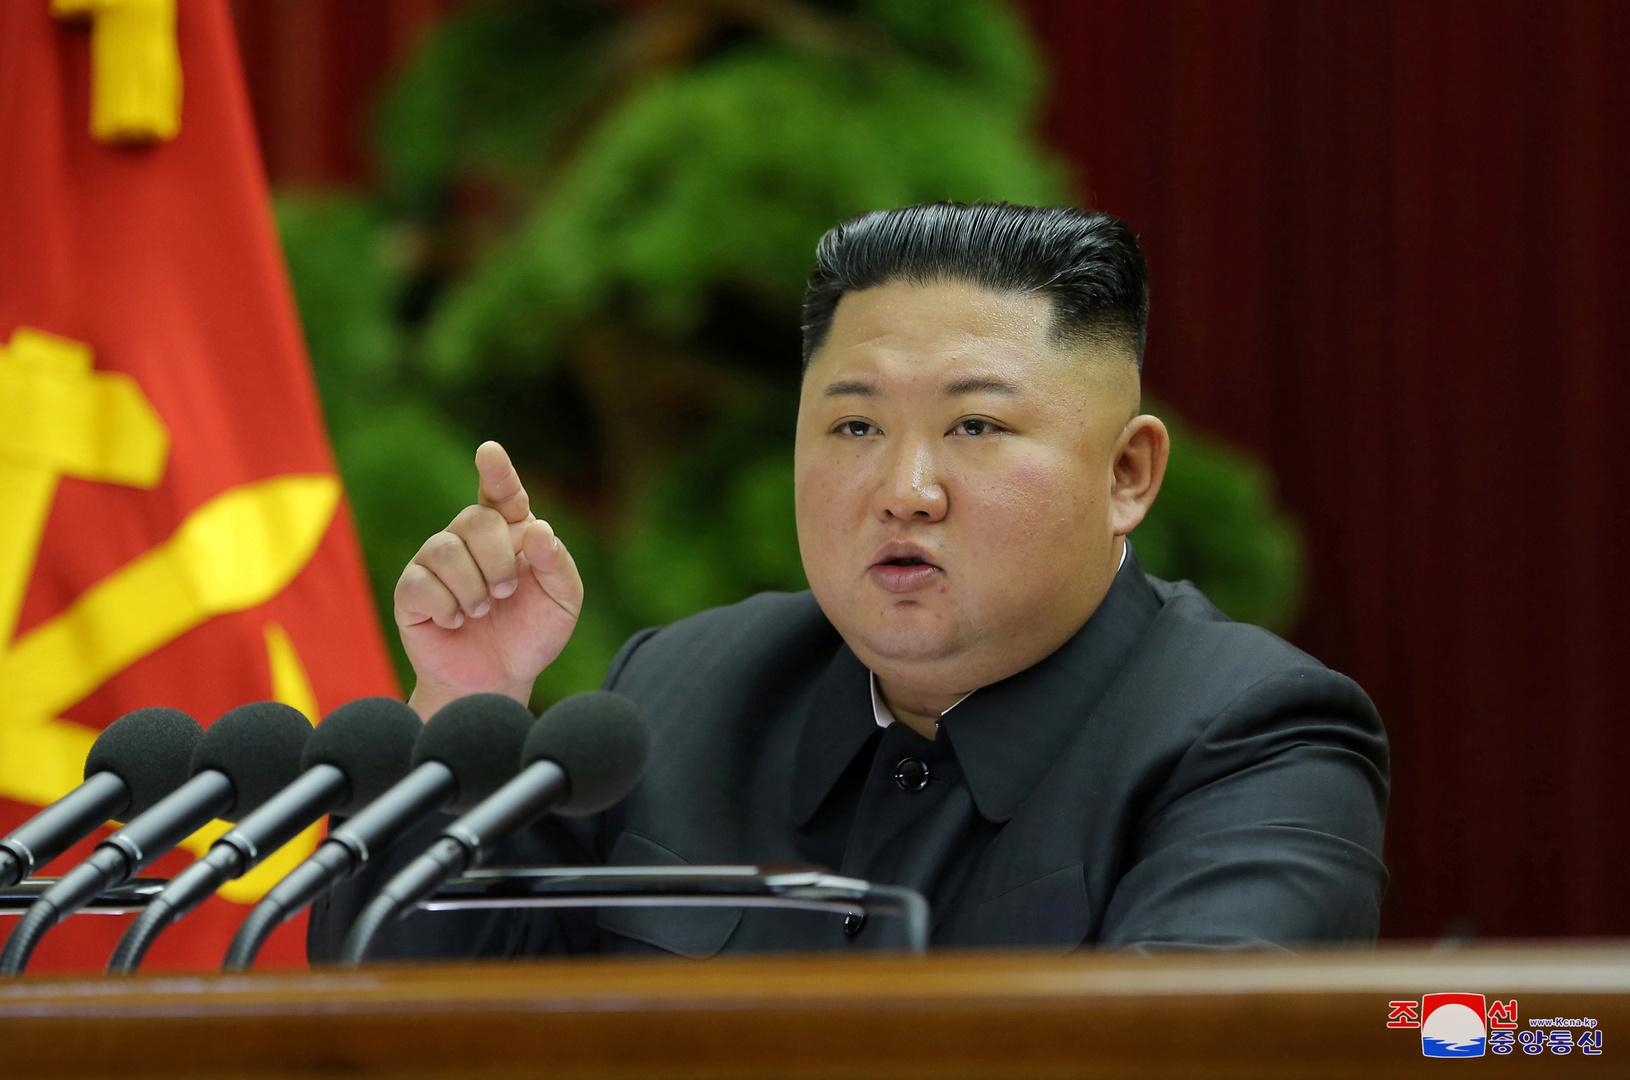 كيم يجمع قادة الحزب الحاكم قبل انقضاء مهلة واشنطن